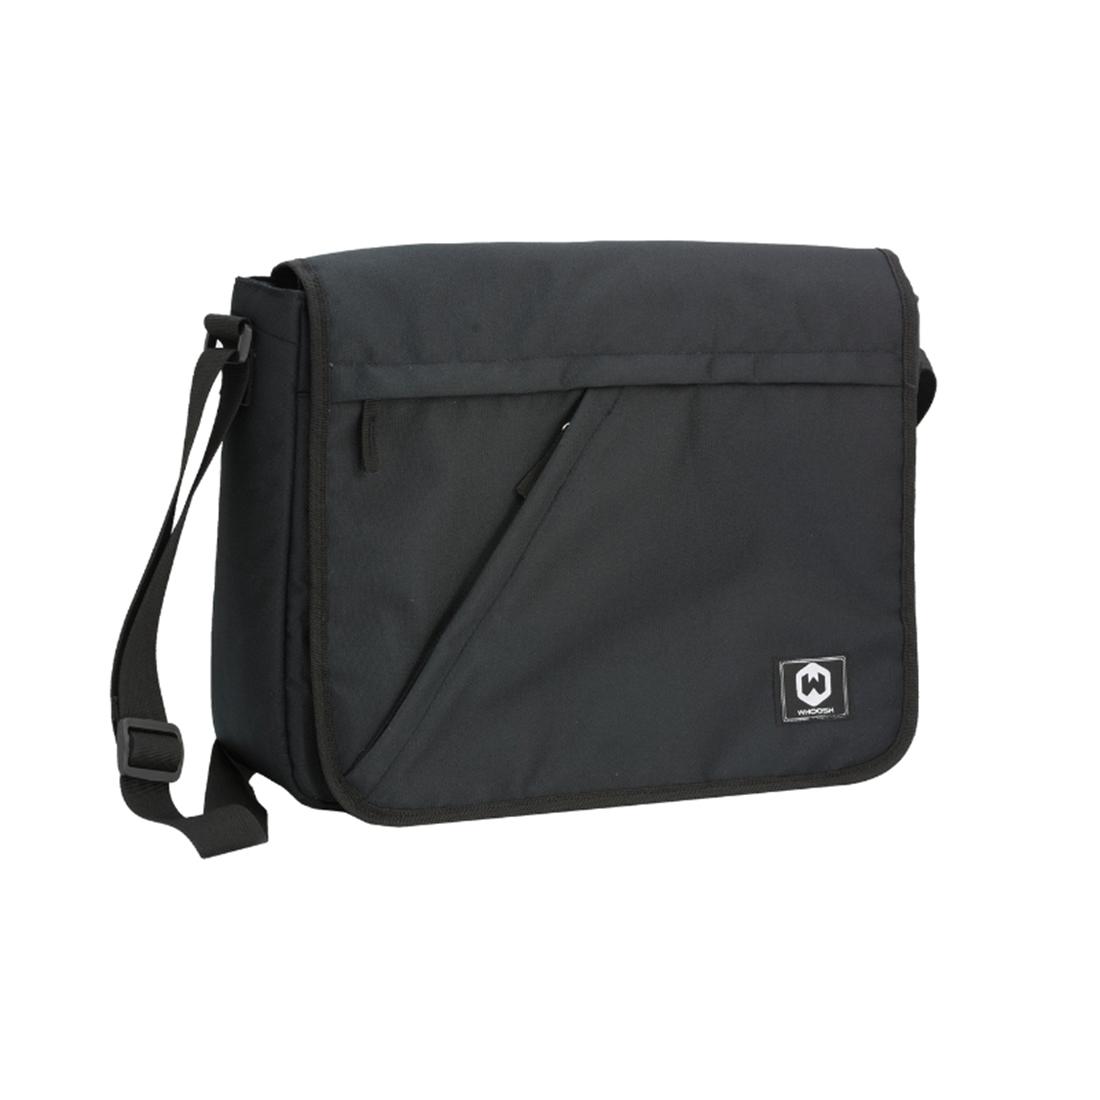 Slika za kategoriju Torbice i torbe višenamjenske